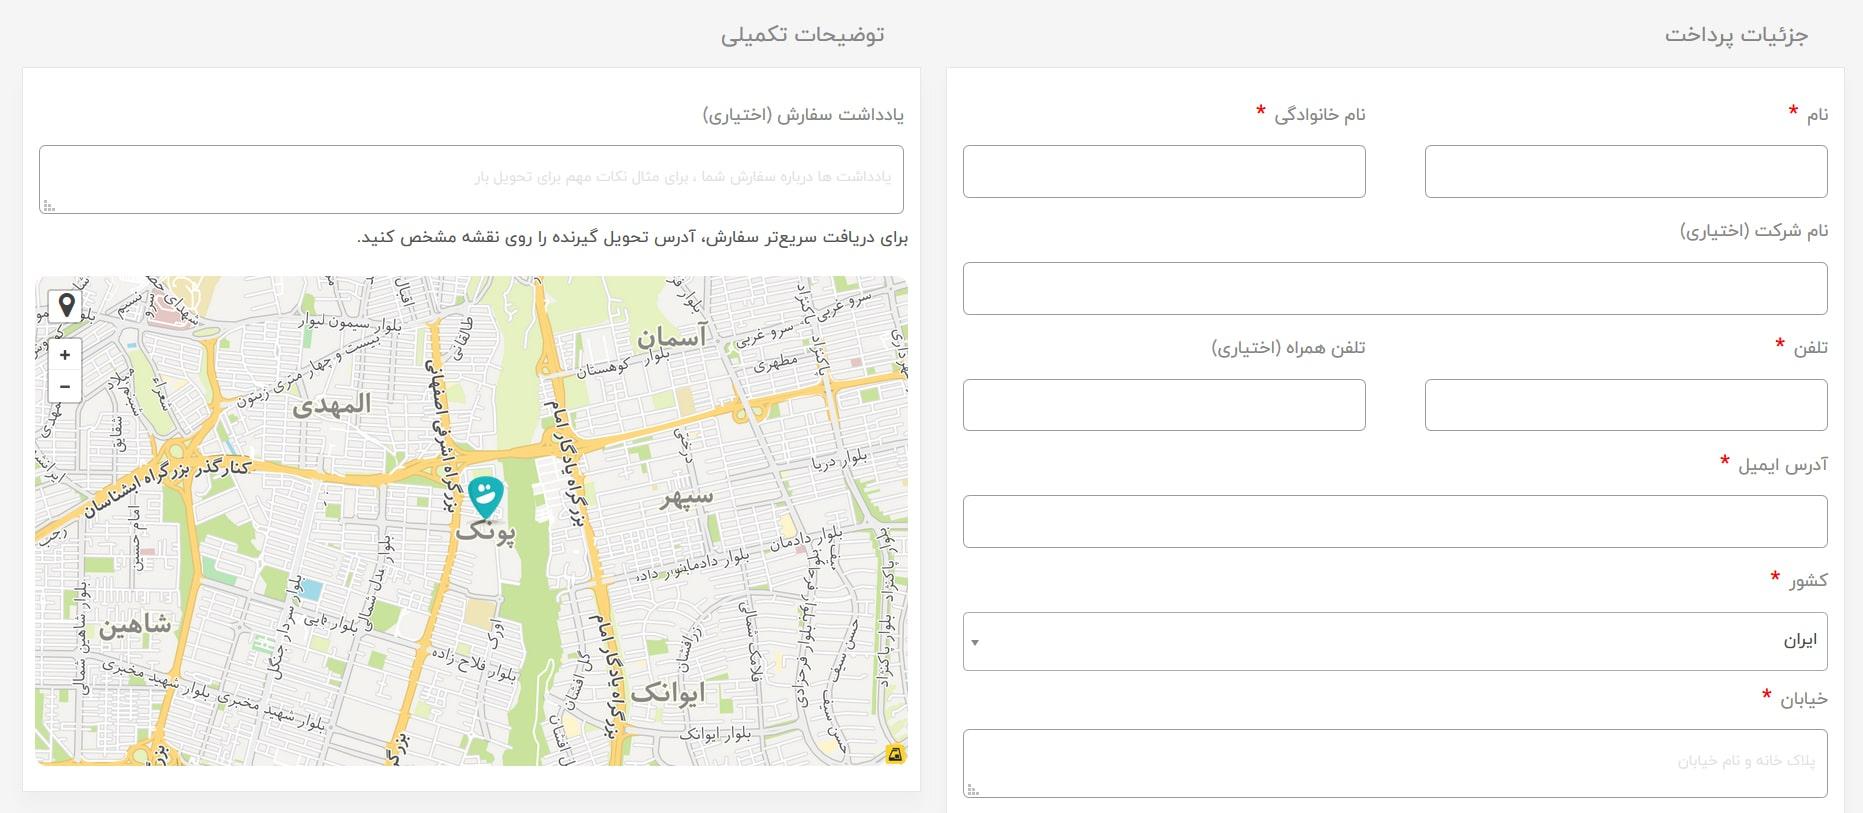 ثبت موقعیت مشتری روی نقشه